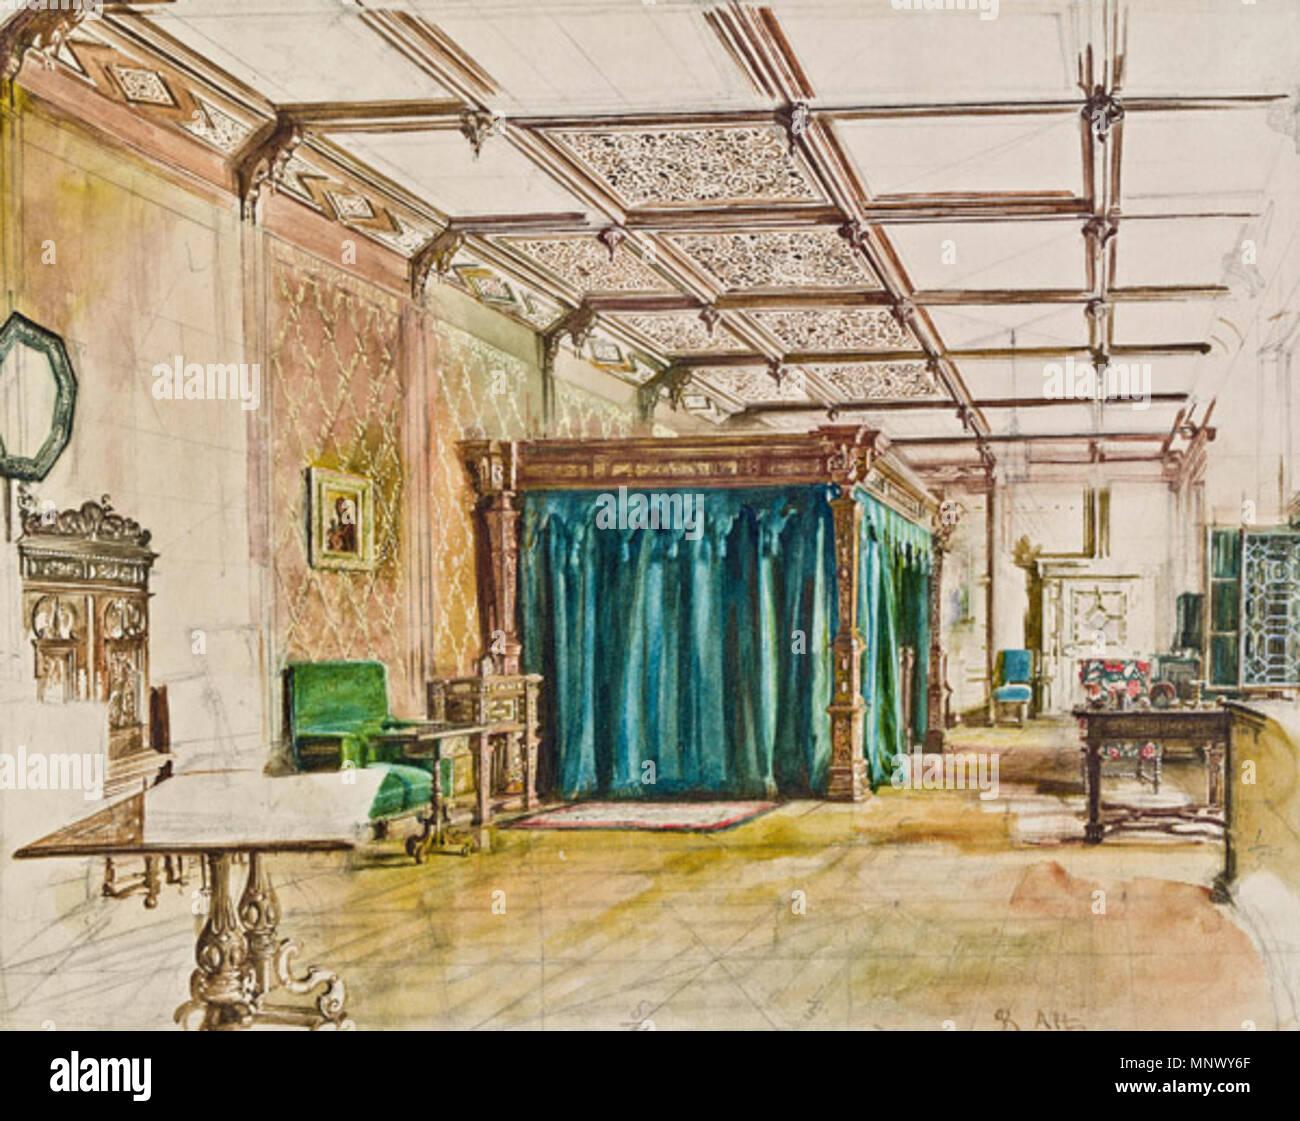 https://c8.alamy.com/comp/MNWY6F/interieur-aus-schloss-hradek-circa-1855-rudolf-von-alt-18121905-alternative-names-rudolf-ritter-von-alt-description-austrian-painter-date-of-birthdeath-28-august-1812-12-march-1905-location-of-birthdeath-vienna-vienna-work-location-vienna-salzkammergut-bohemia-italy-authority-control-q638183-viaf71399810-isni0000-0000-6633-2869-ulan500015145-lccnn85058798-nla35968387-worldcat-1077-rudolf-von-alt-interieur-aus-schloss-hradek-MNWY6F.jpg